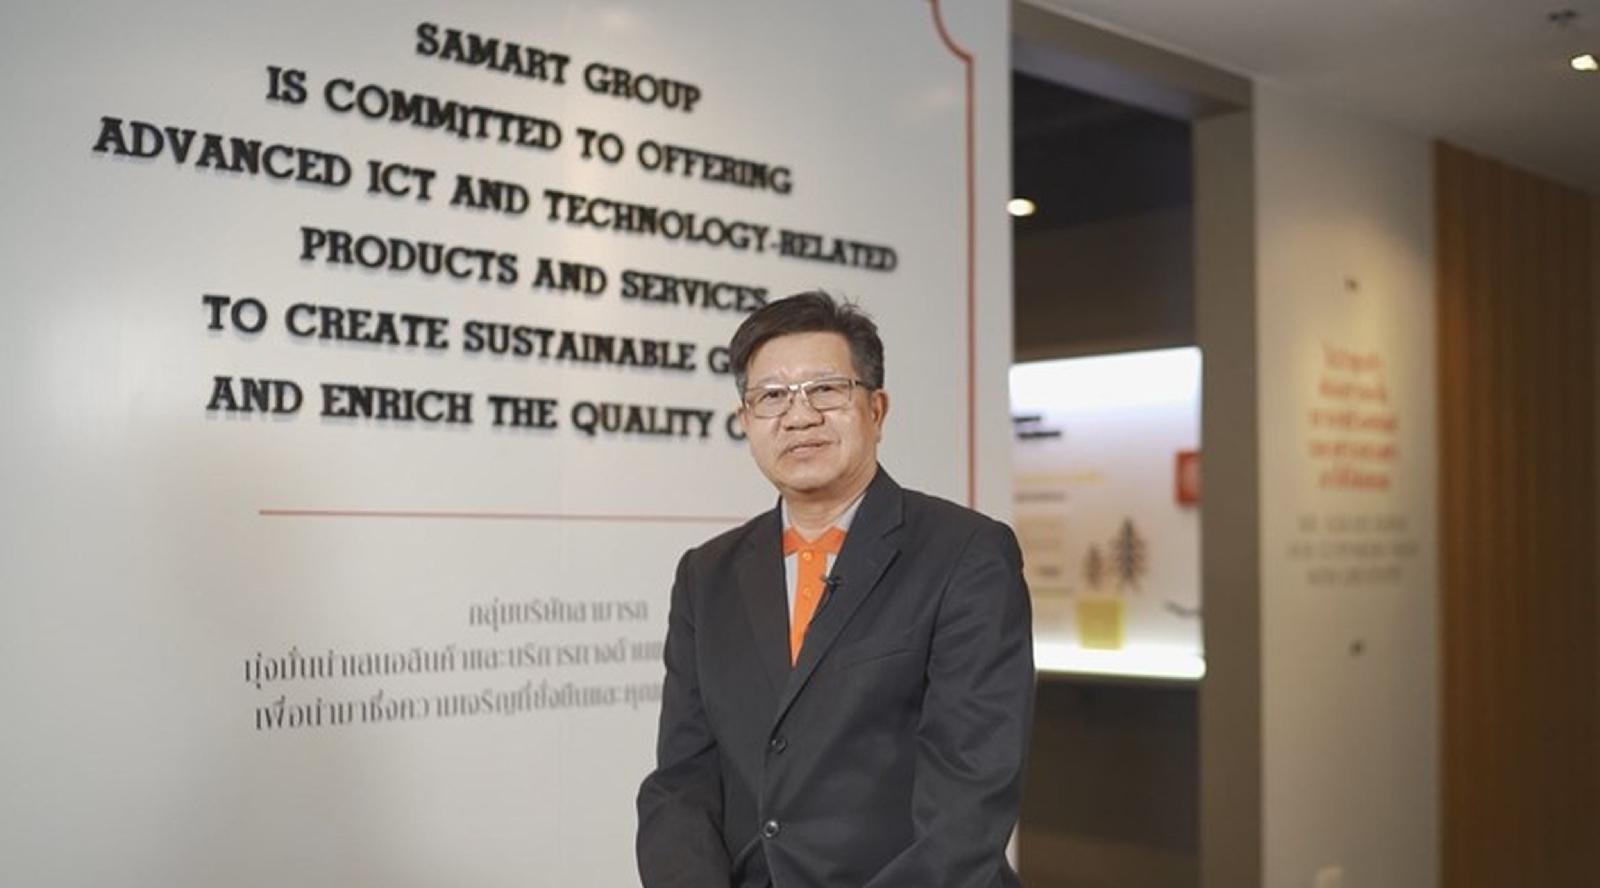 """""""สามารถเทลคอม"""" ผู้ให้บริการเทคโนโลยีโทรคมนาคมรายใหญ่ของไทยจับมือ HUAWEI ขยายความแข็งแกร่งทางธุรกิจ พร้อมฉลอง 35 ปีแห่งความมุ่งมั่นเพื่อความเป็นเลิศด้านดิจิทัล"""